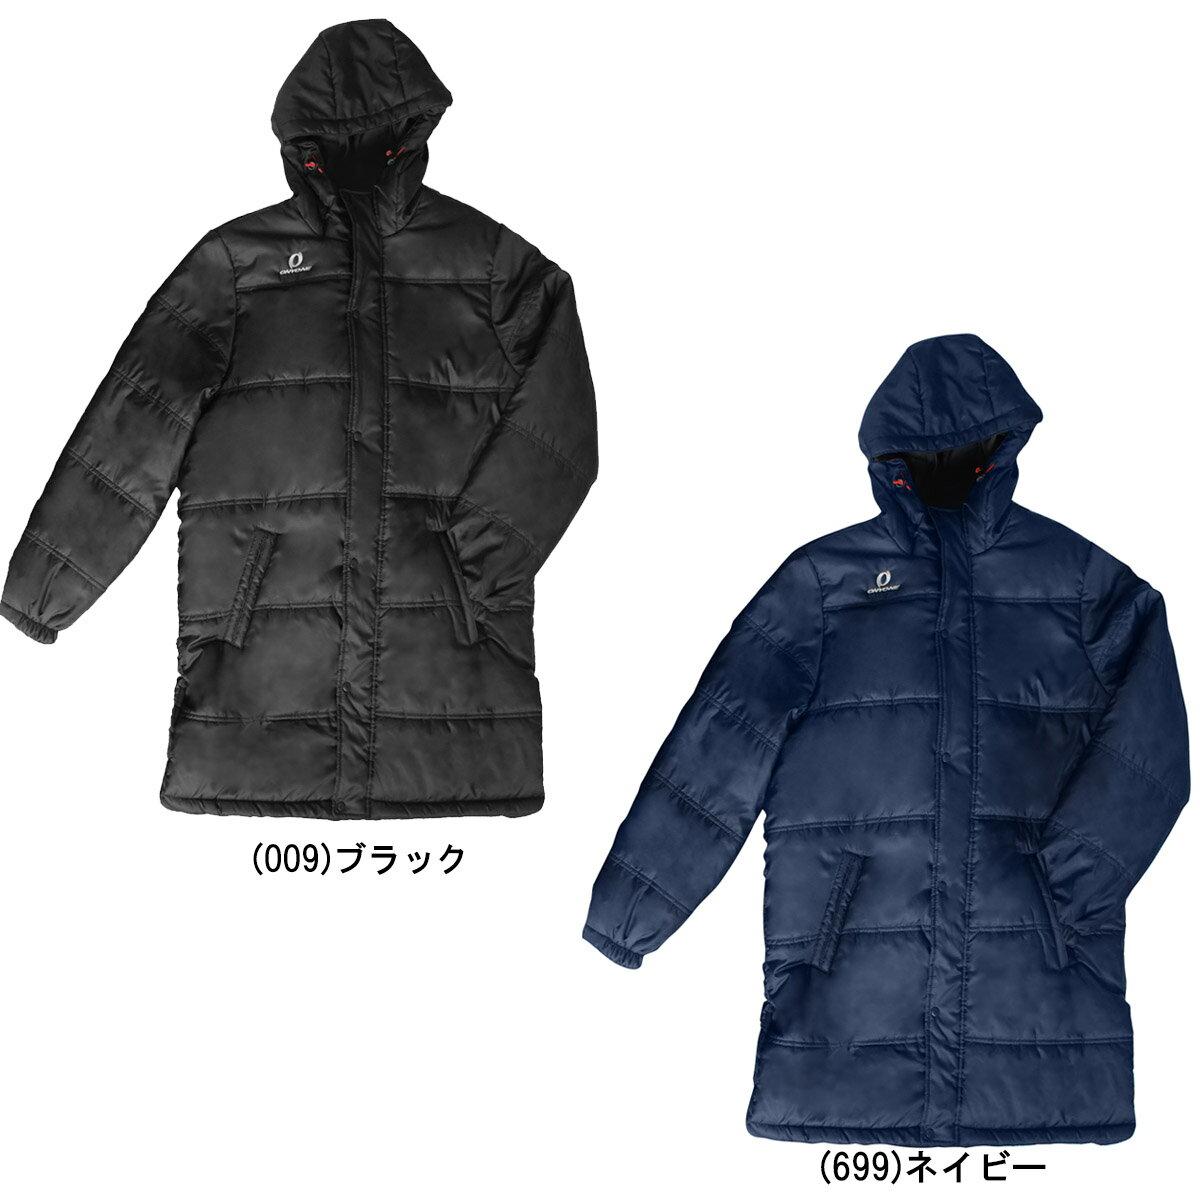 オンヨネ ウェア 中綿 ハーフコート ベンチコート OKJ99052 ウェア ウエア 野球用品 スワロースポーツ